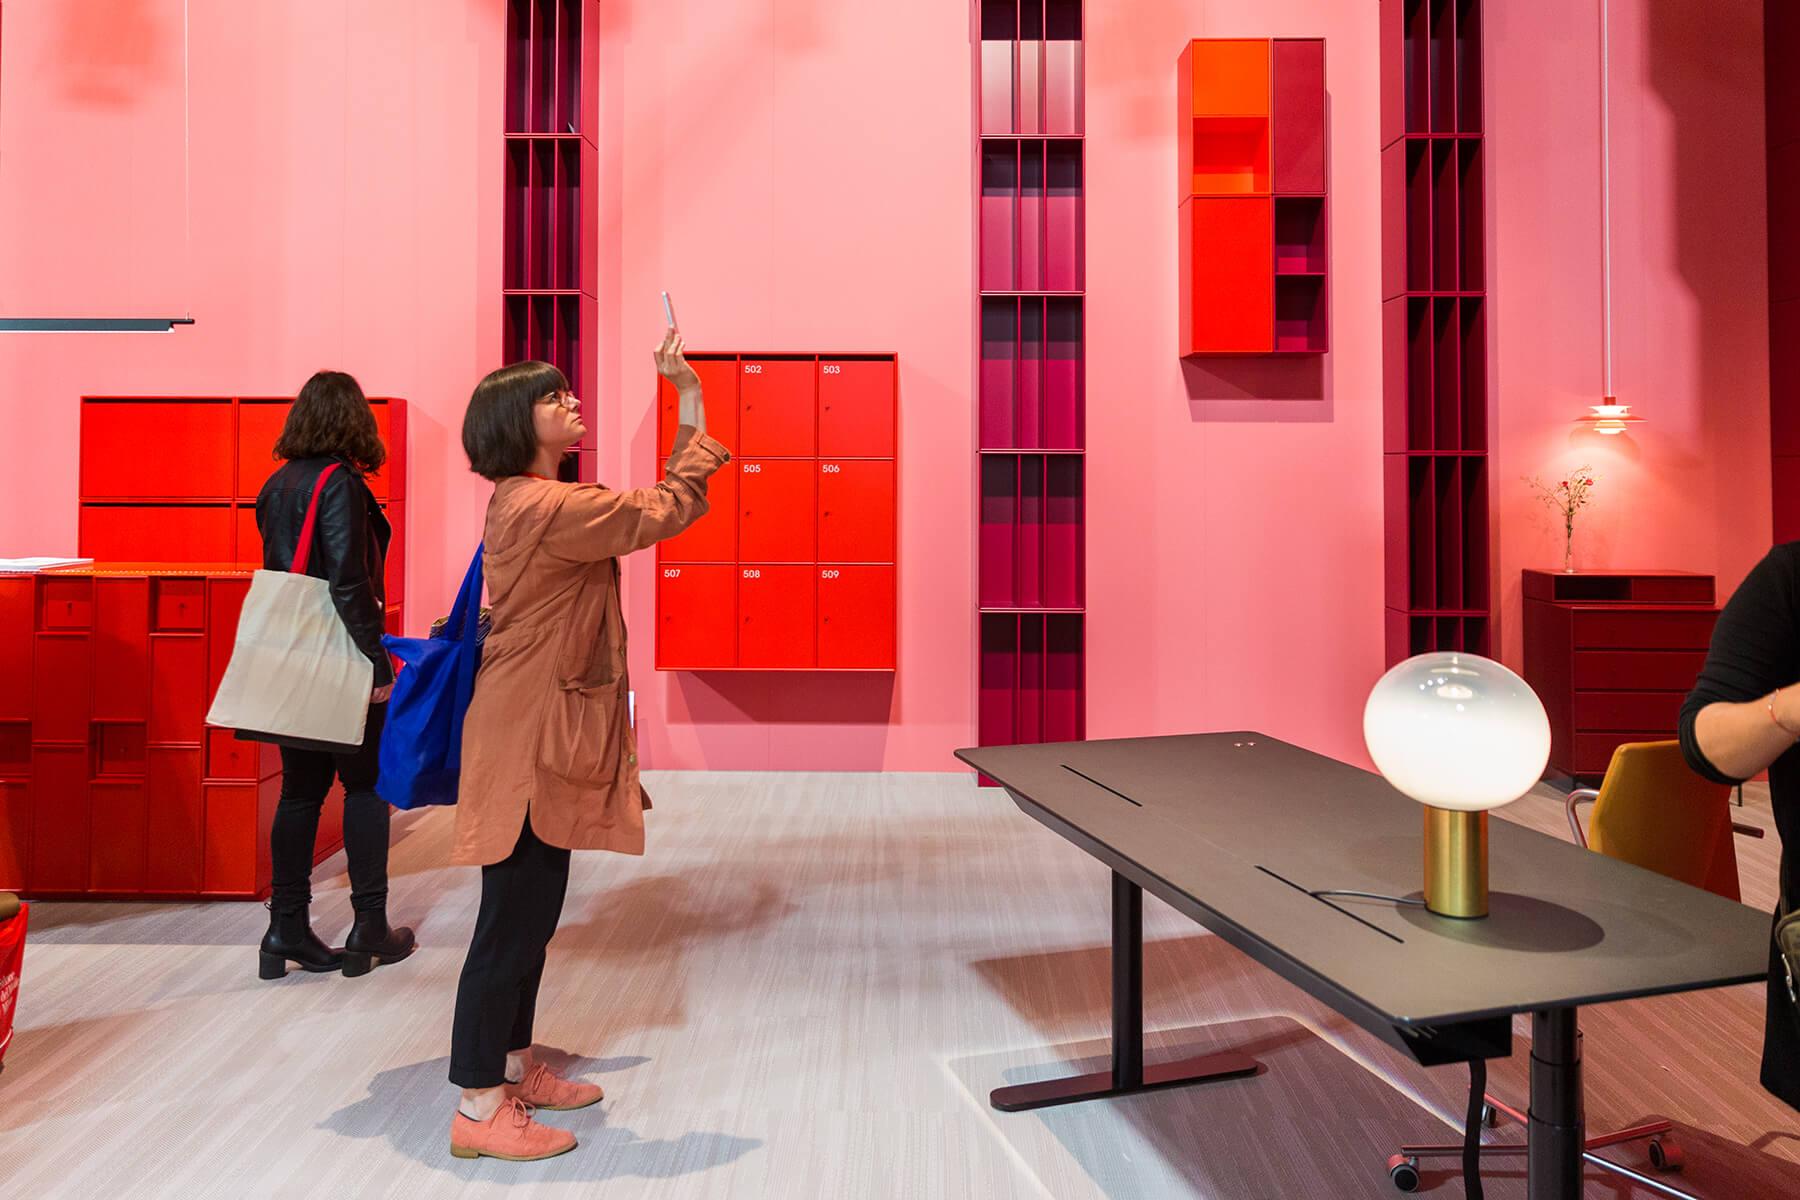 <a href='https://revistaaxxis.com.co/el-gran-salon-axxis-elige-lo-mas-relevante-del-salone-2018/'><h2>El gran salón</h2>Durante seis días Milán se transformó en la capital mundial del diseño gracias al célebre Salone del Mobile, un evento que ha crecido de manera exponencial desde sus inicios en la década de 1960. Aquí los favoritos de AXXIS. </a>